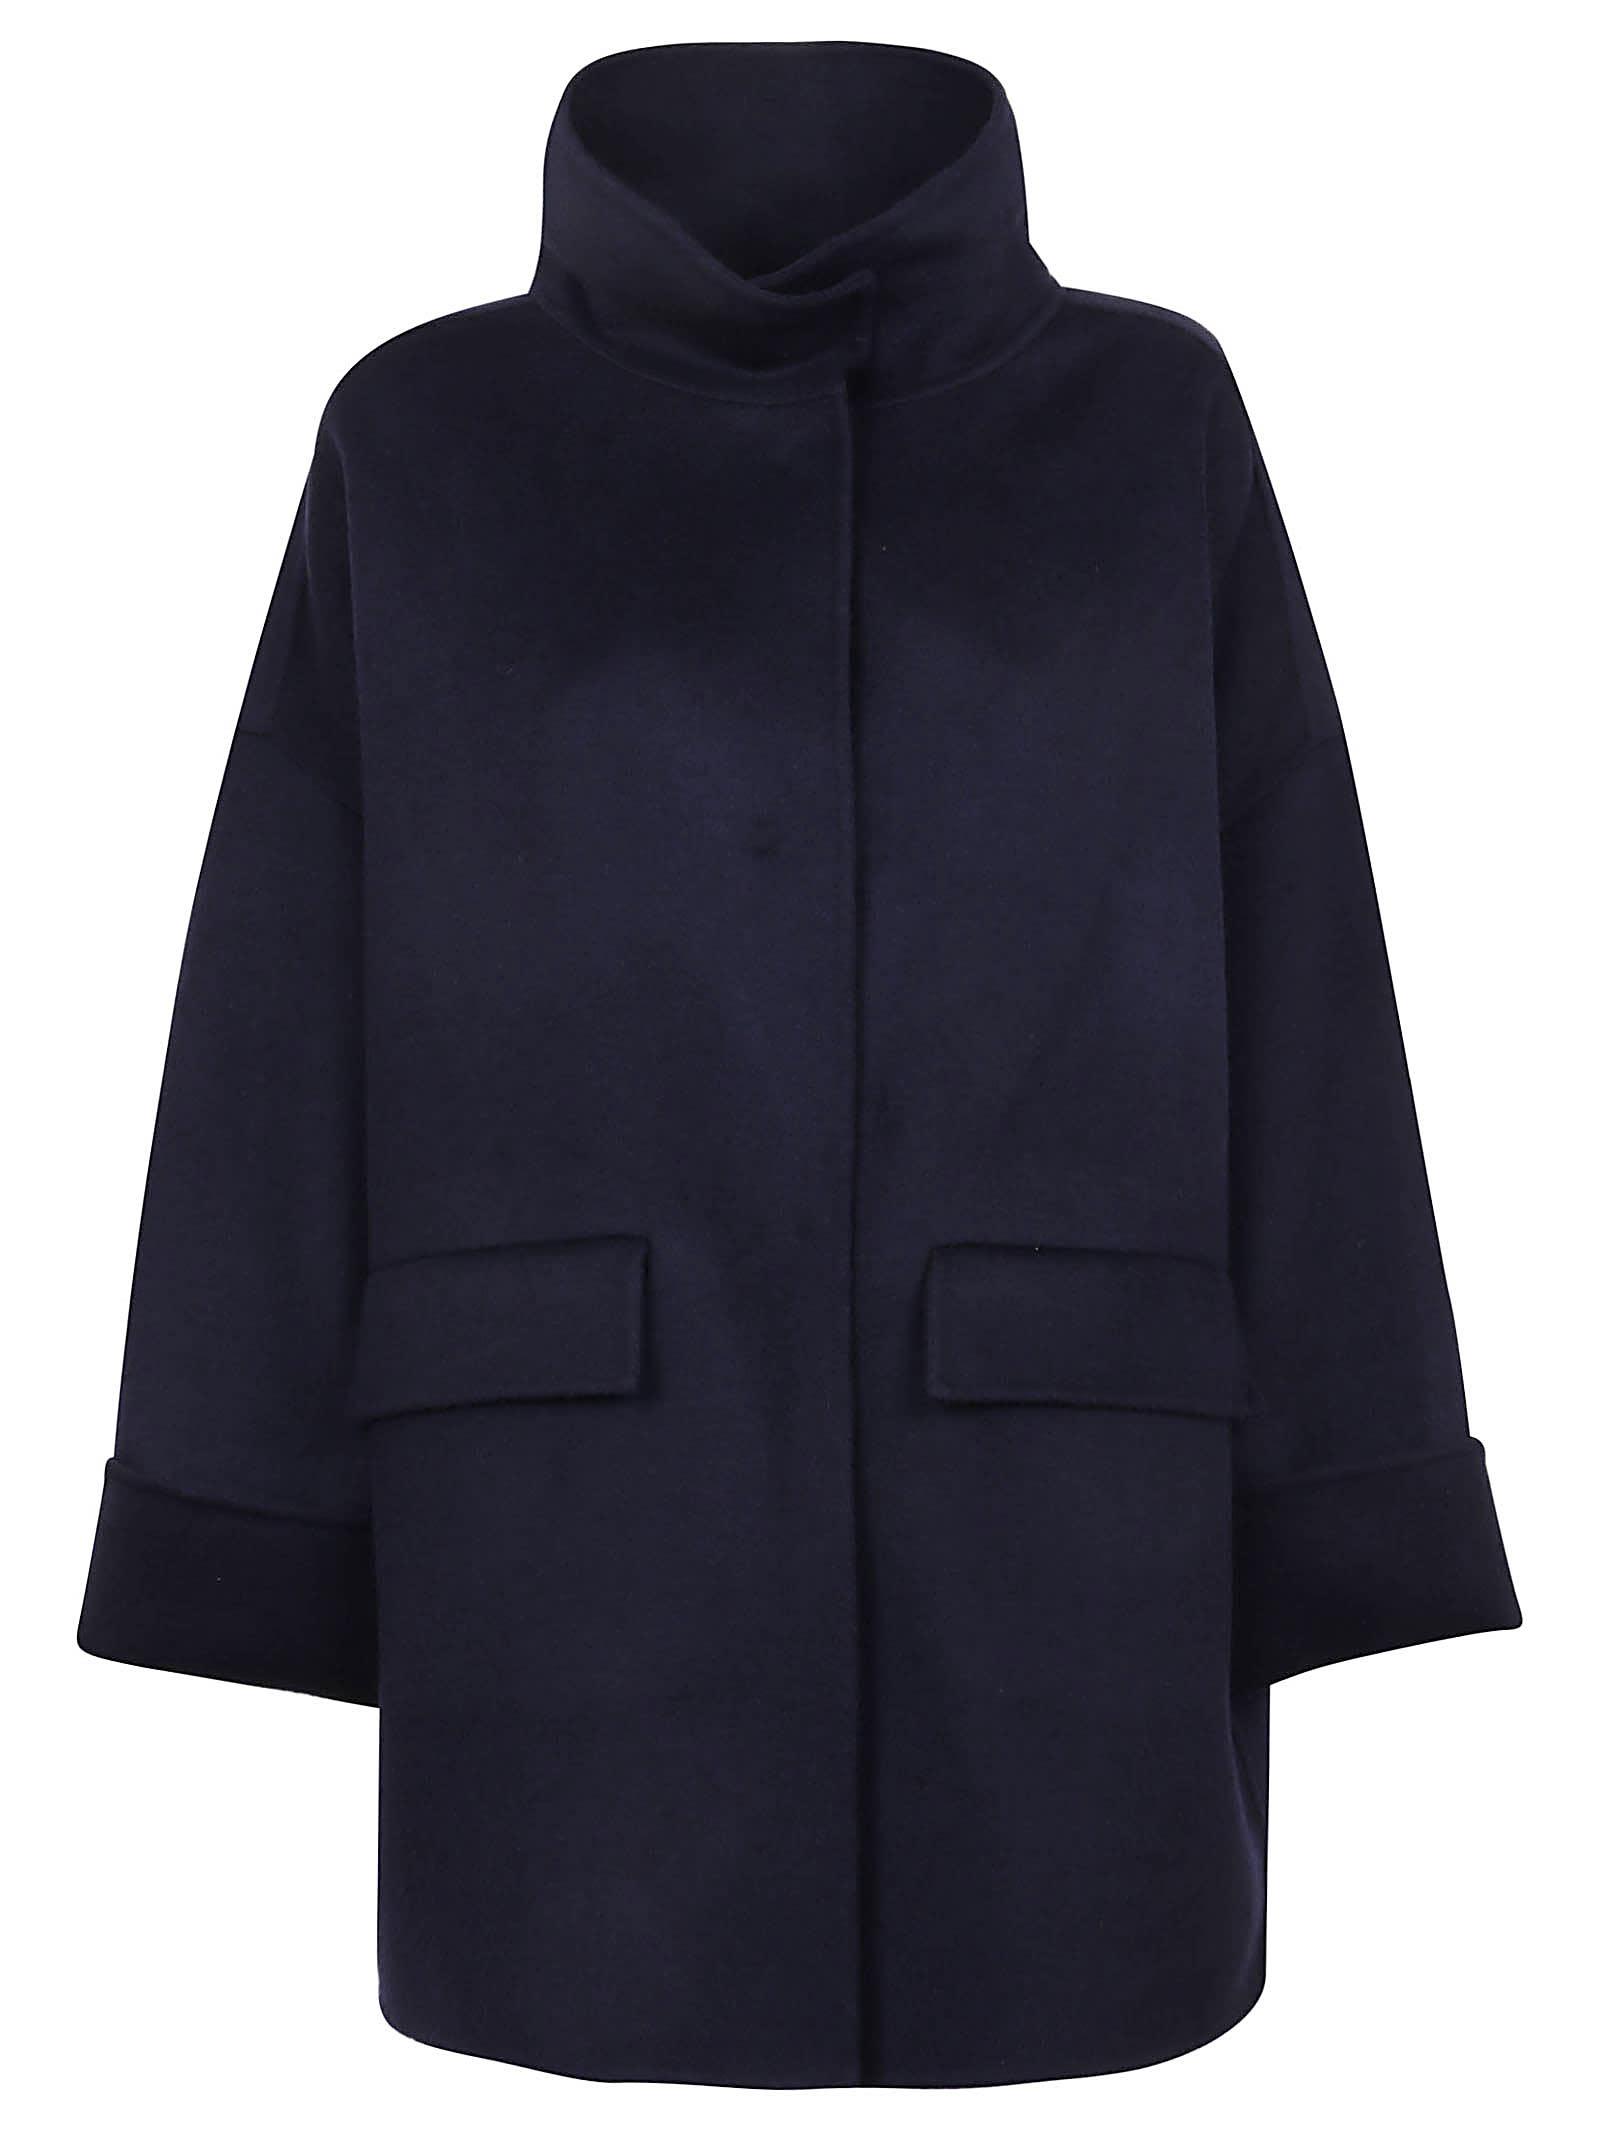 Parosh Long Jacket